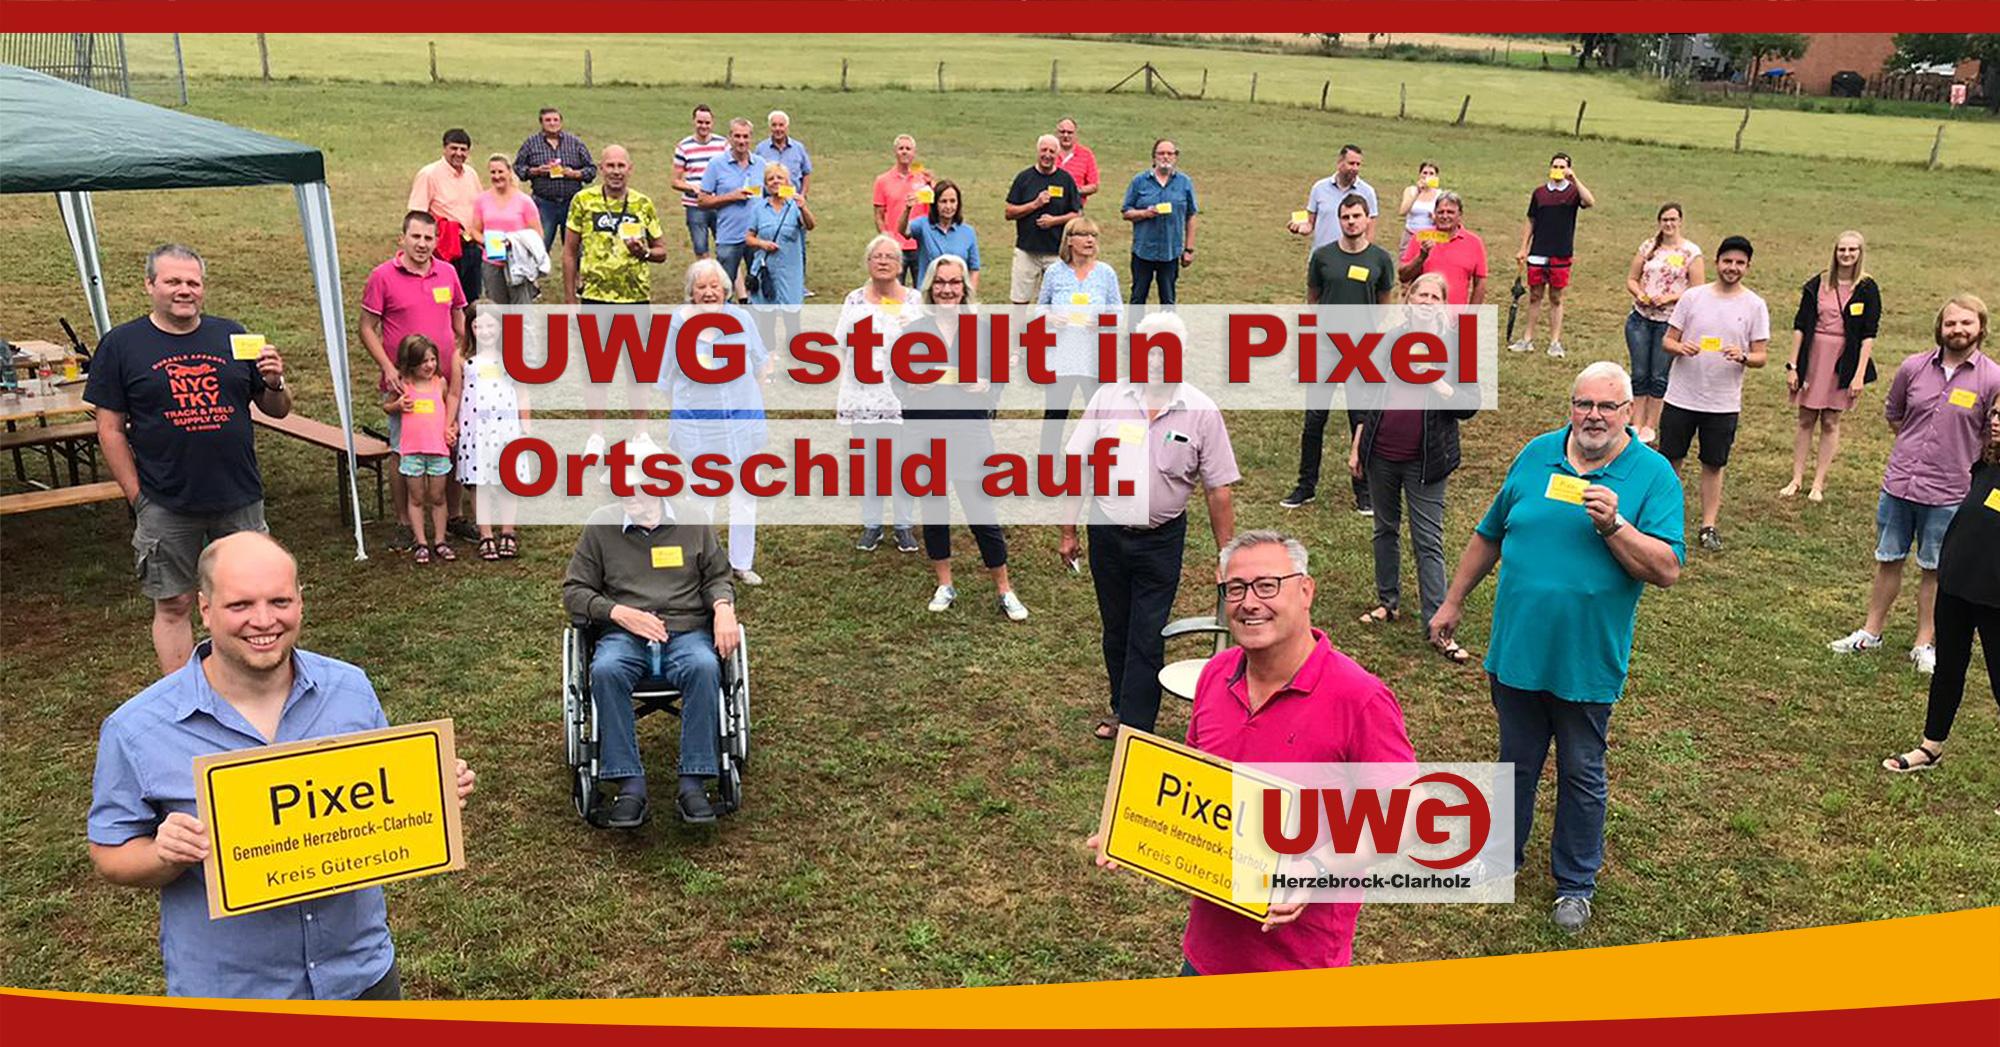 UWG stellt in Pixel Ortsschild auf